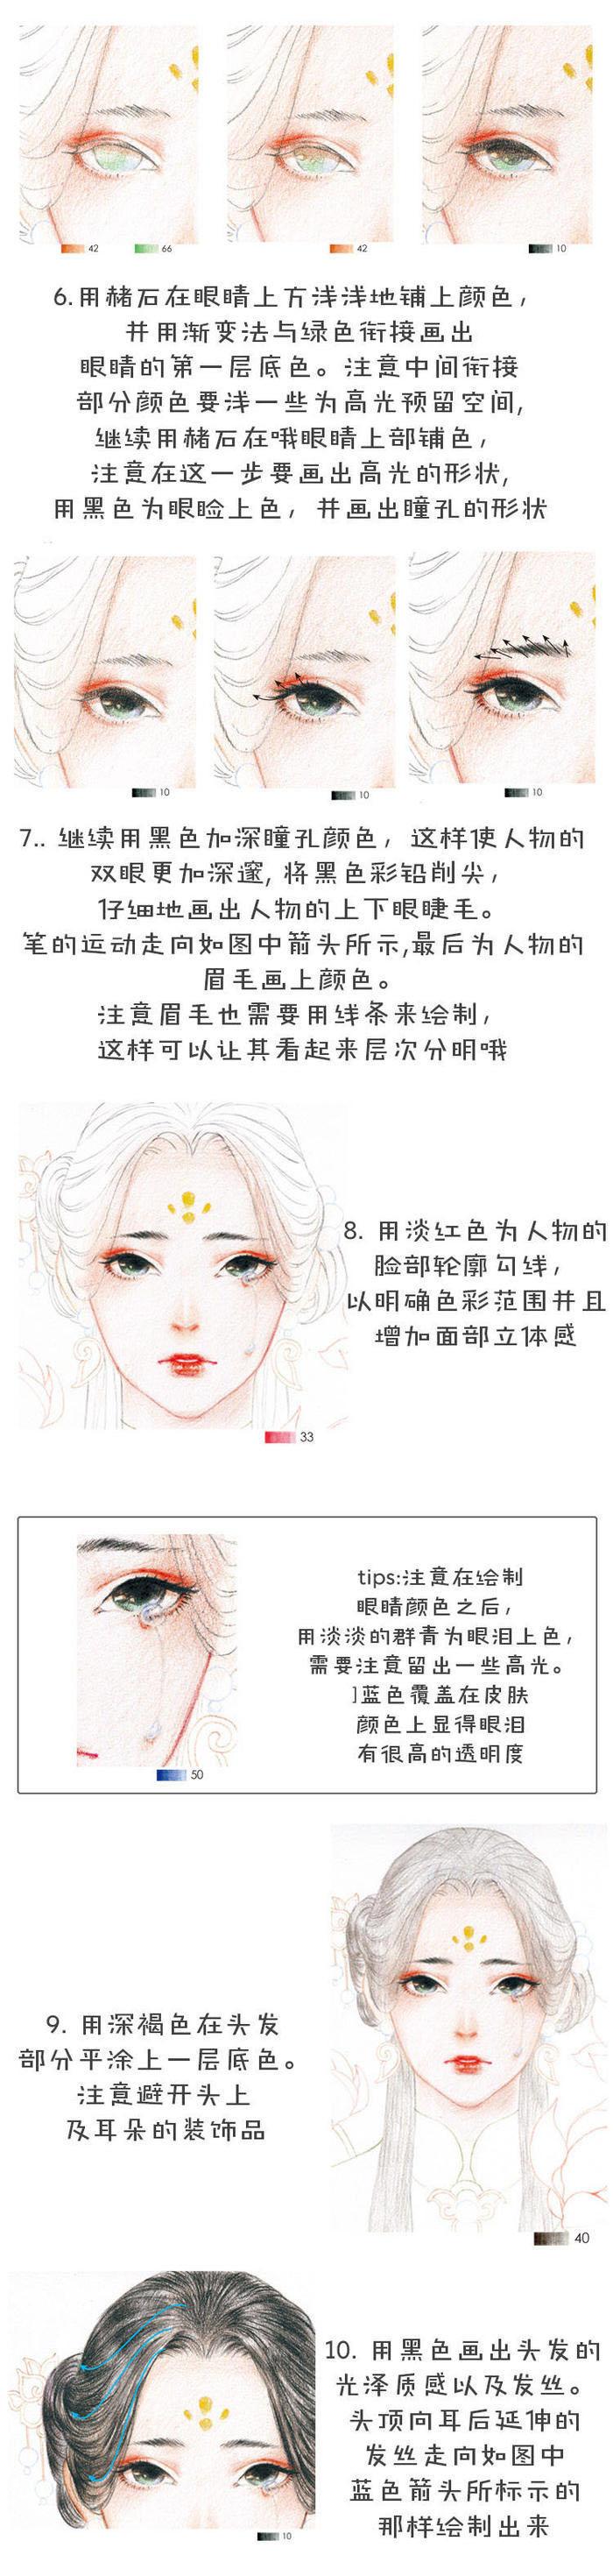 详细解析古风女子图文手绘插画教程